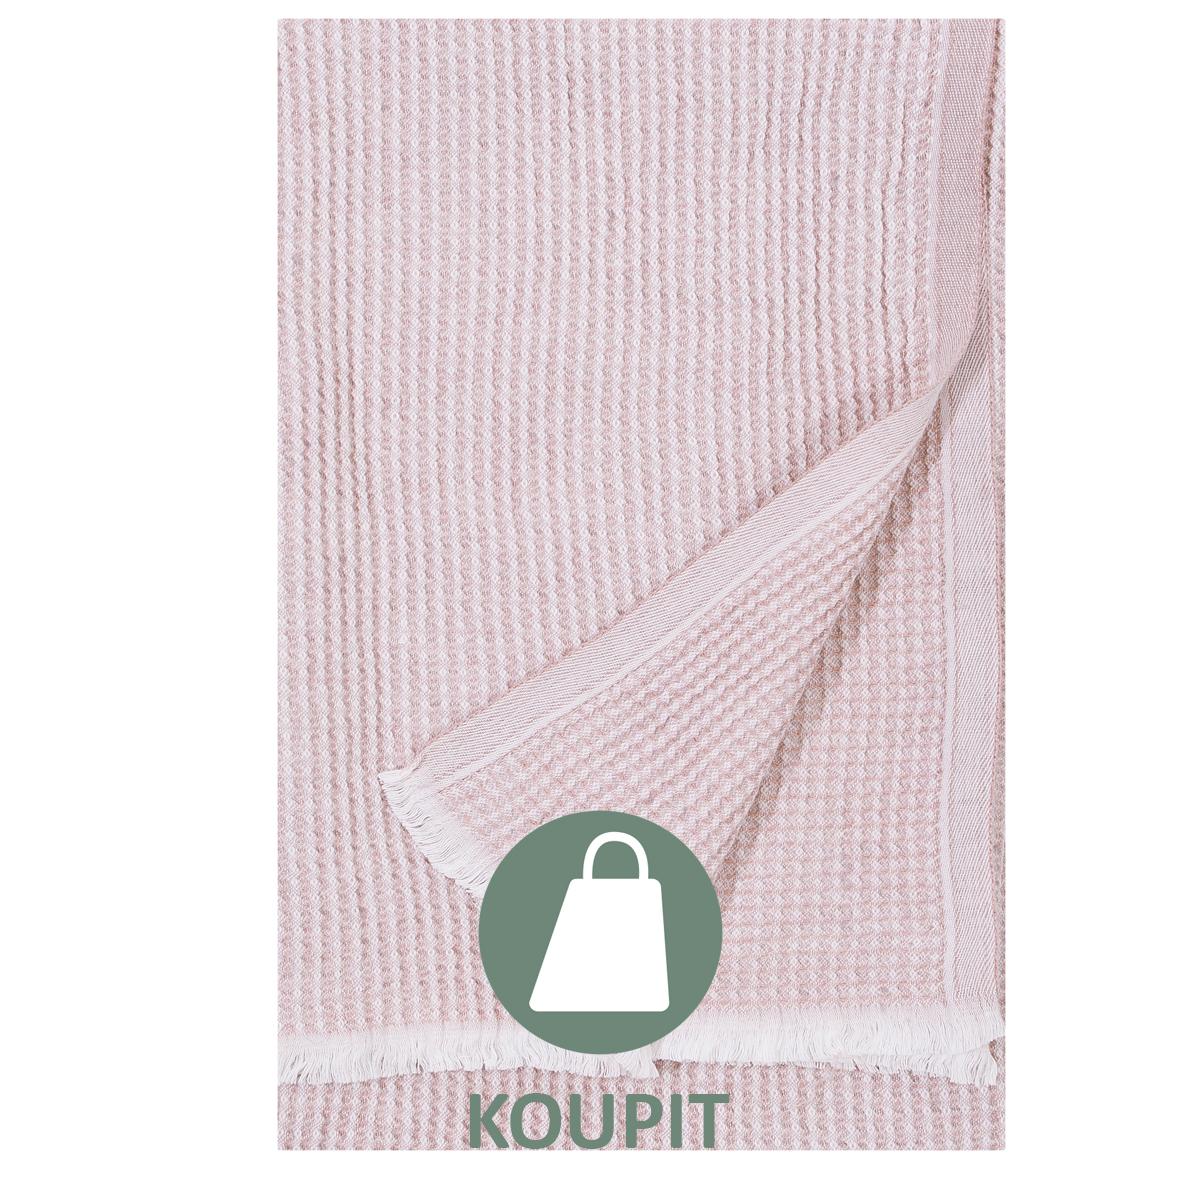 letni-textil-lapuan-kankurit-produkt4